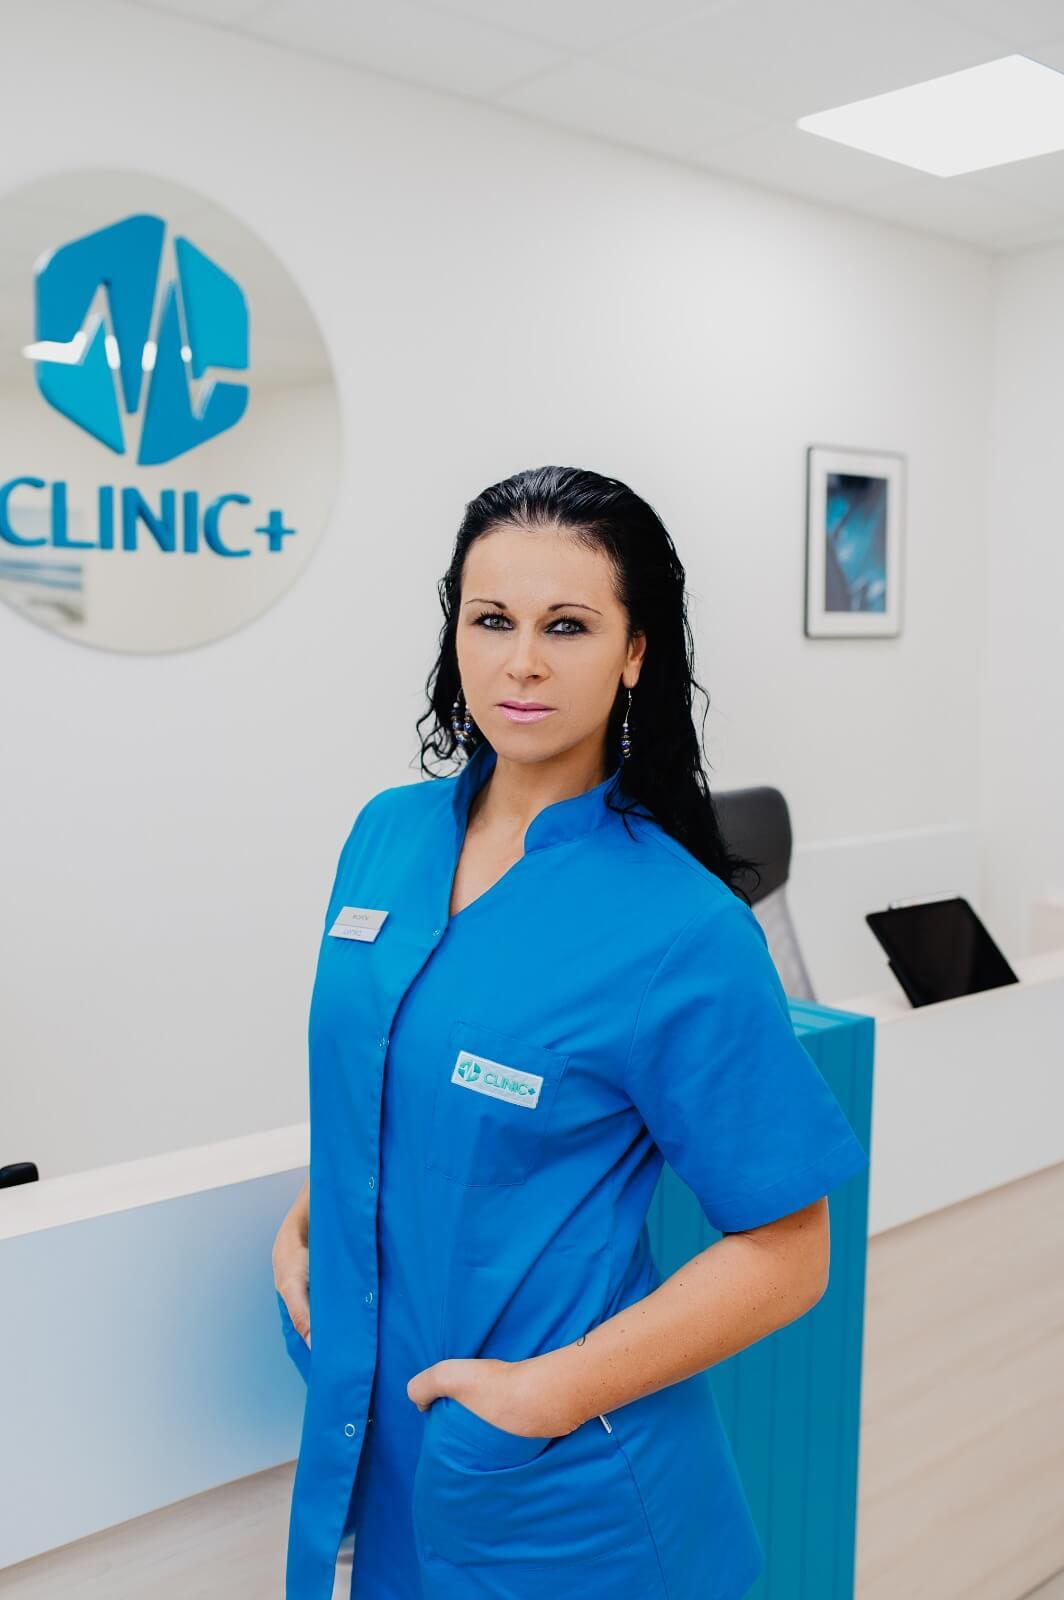 - Zubní lékař Praha Clinic+ - 1250fce0 7709 4017 bfda 48c6afa21e7b - Náš Tým: Praha 10 - Vršovice